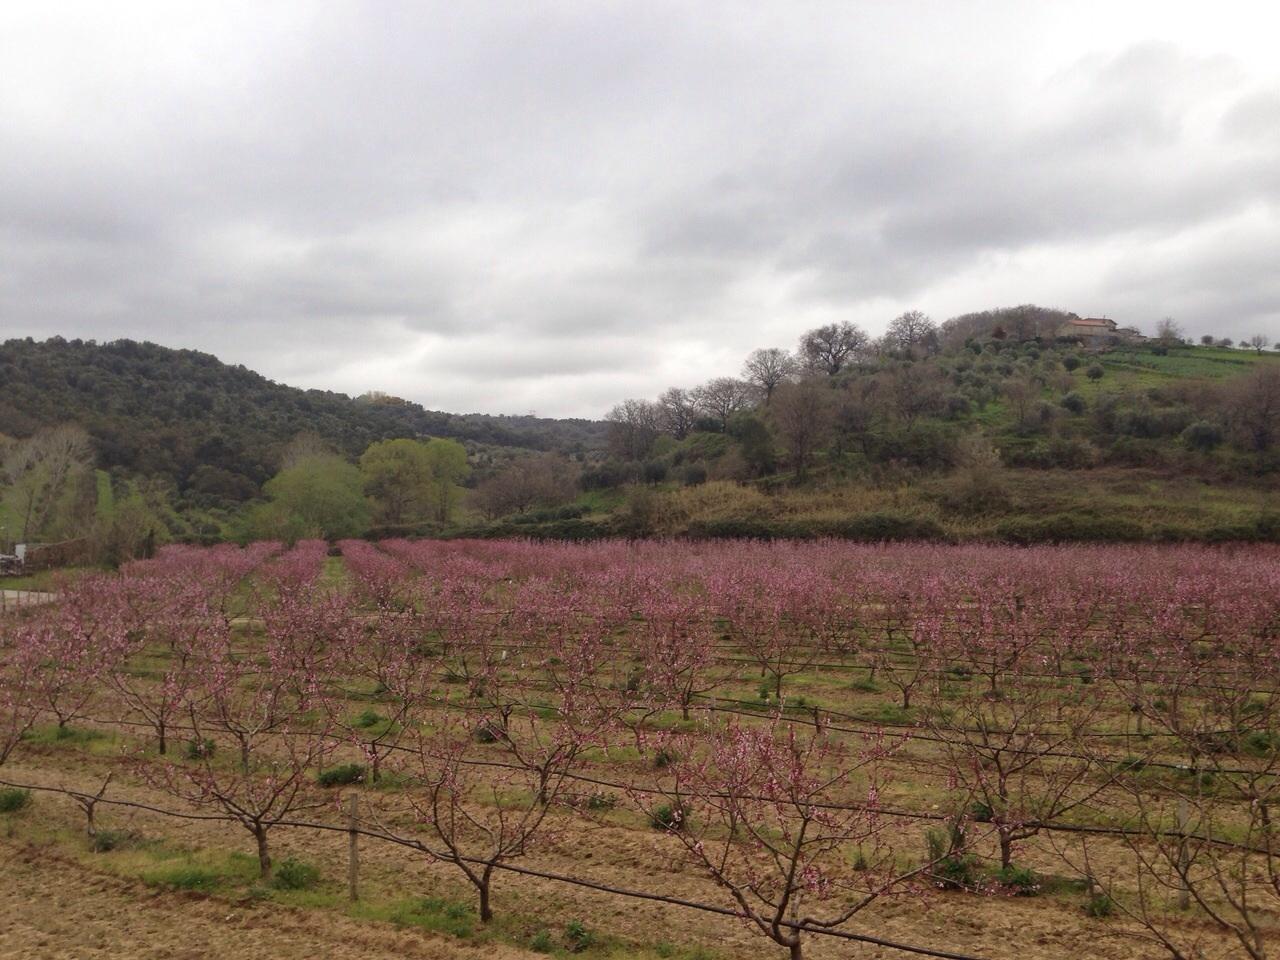 Terreno Agricolo in vendita a Vibo Valentia, 9999 locali, prezzo € 450.000 | Cambio Casa.it